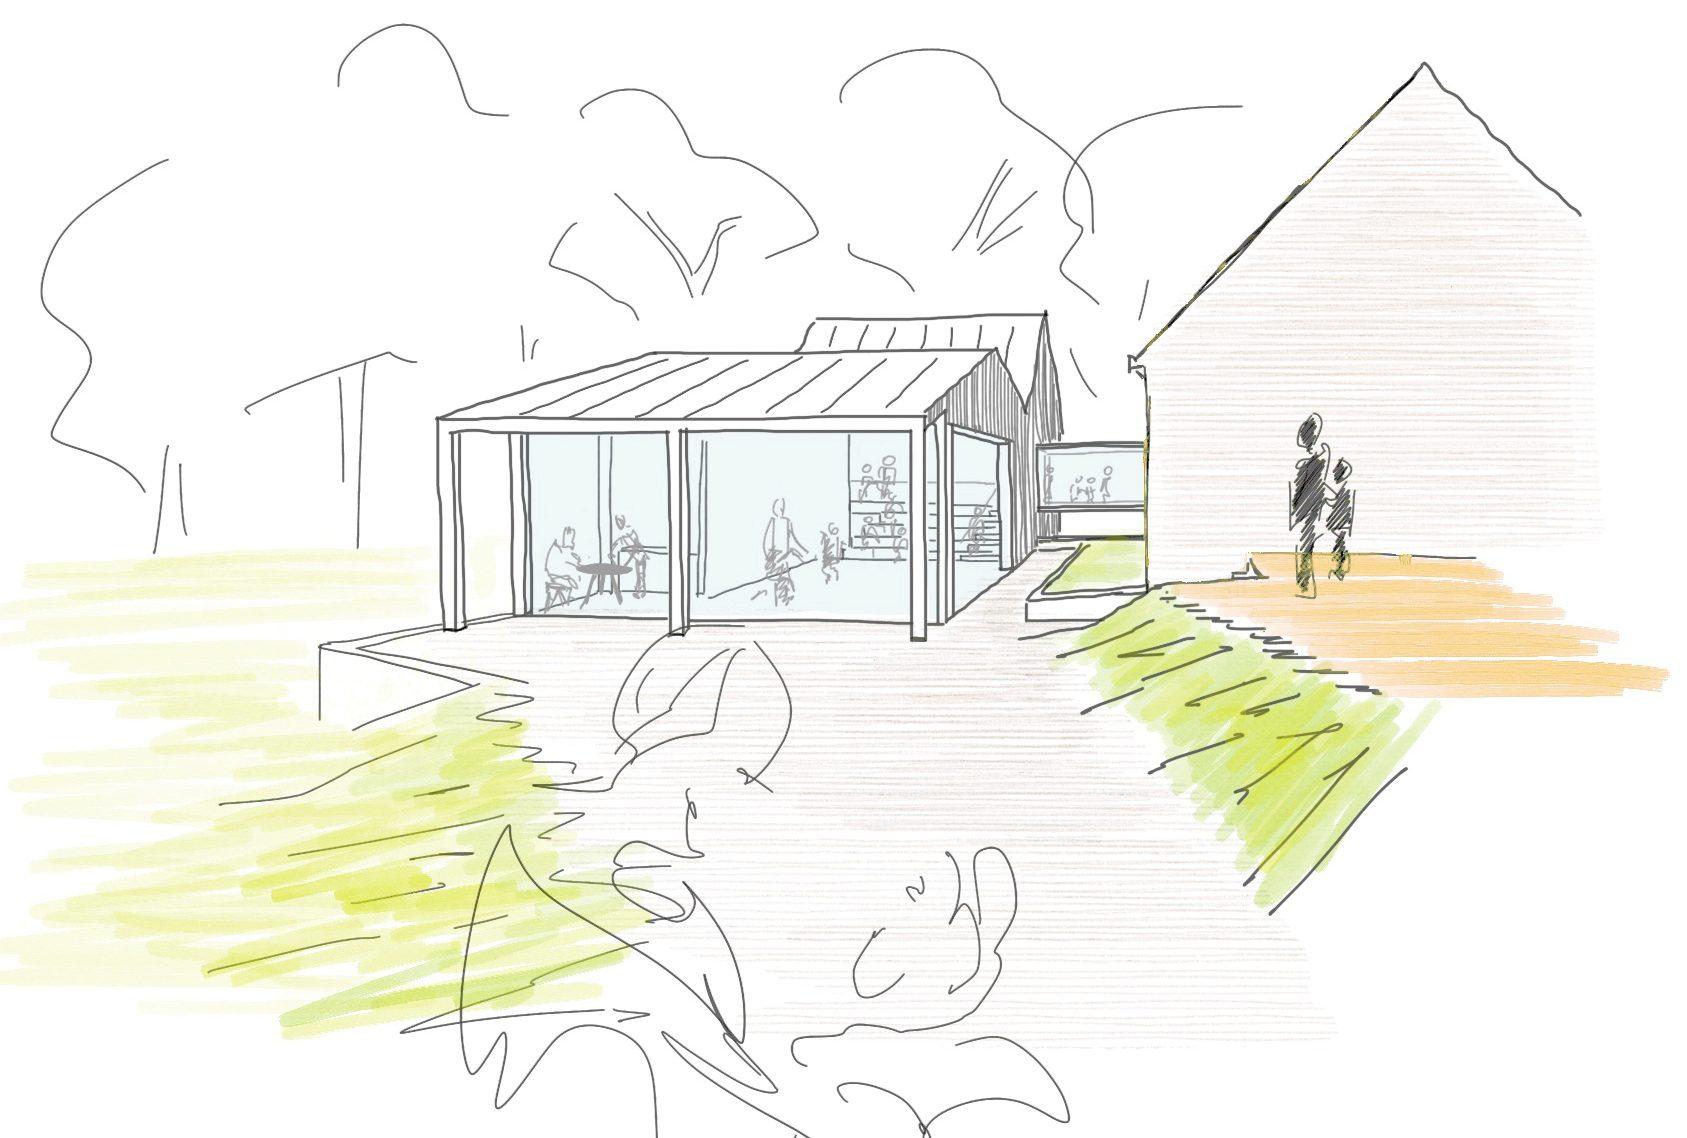 Halbtuch Architekten Wuppertal Bauantrag Bauen im Bestand Einfamilienhaus